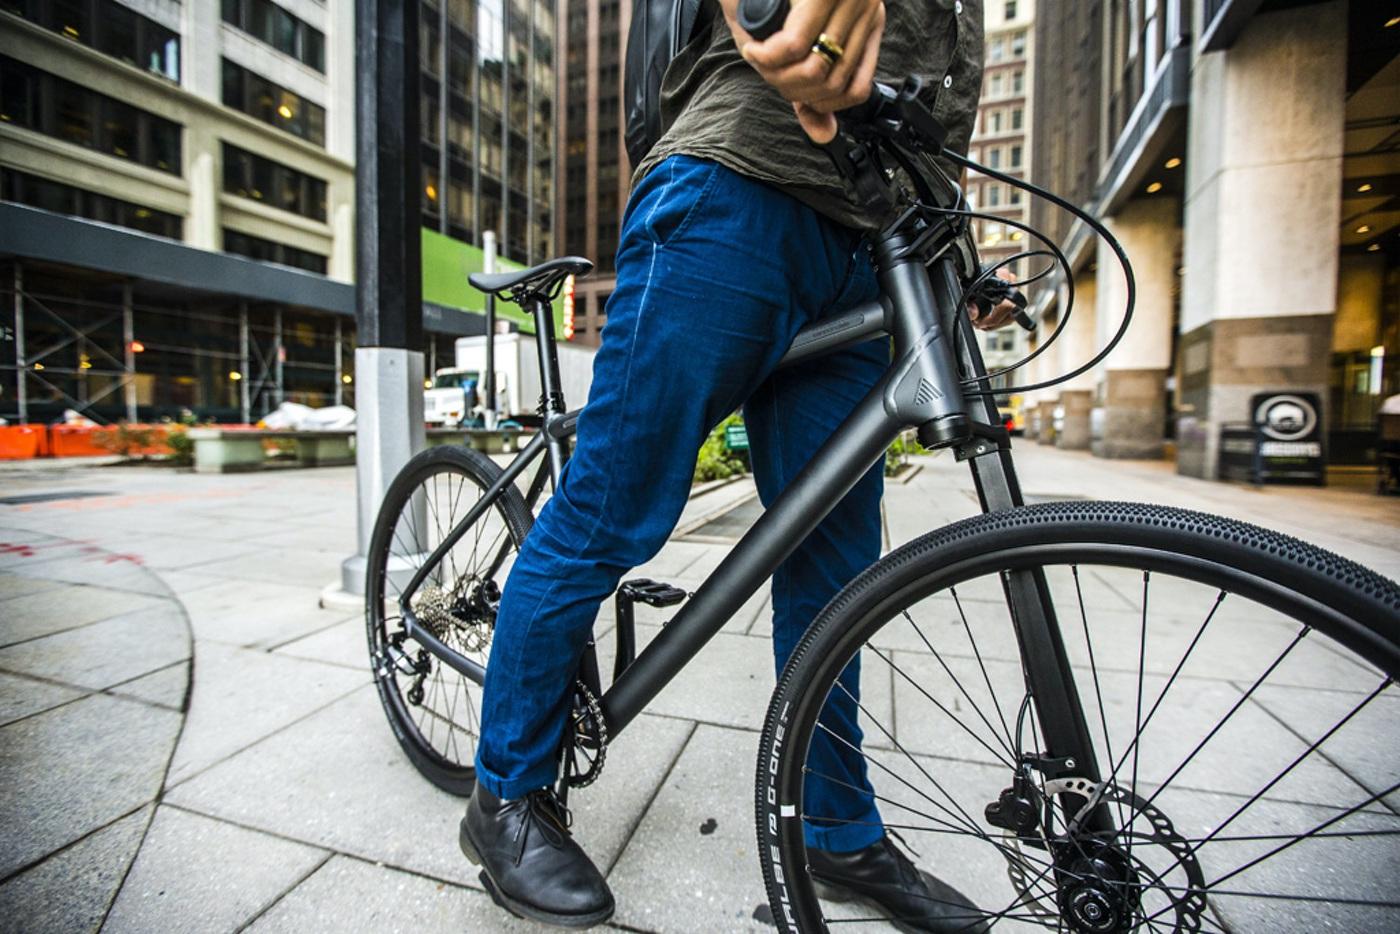 Cannondale lanza una nueva bicicleta urbana Bad Boy